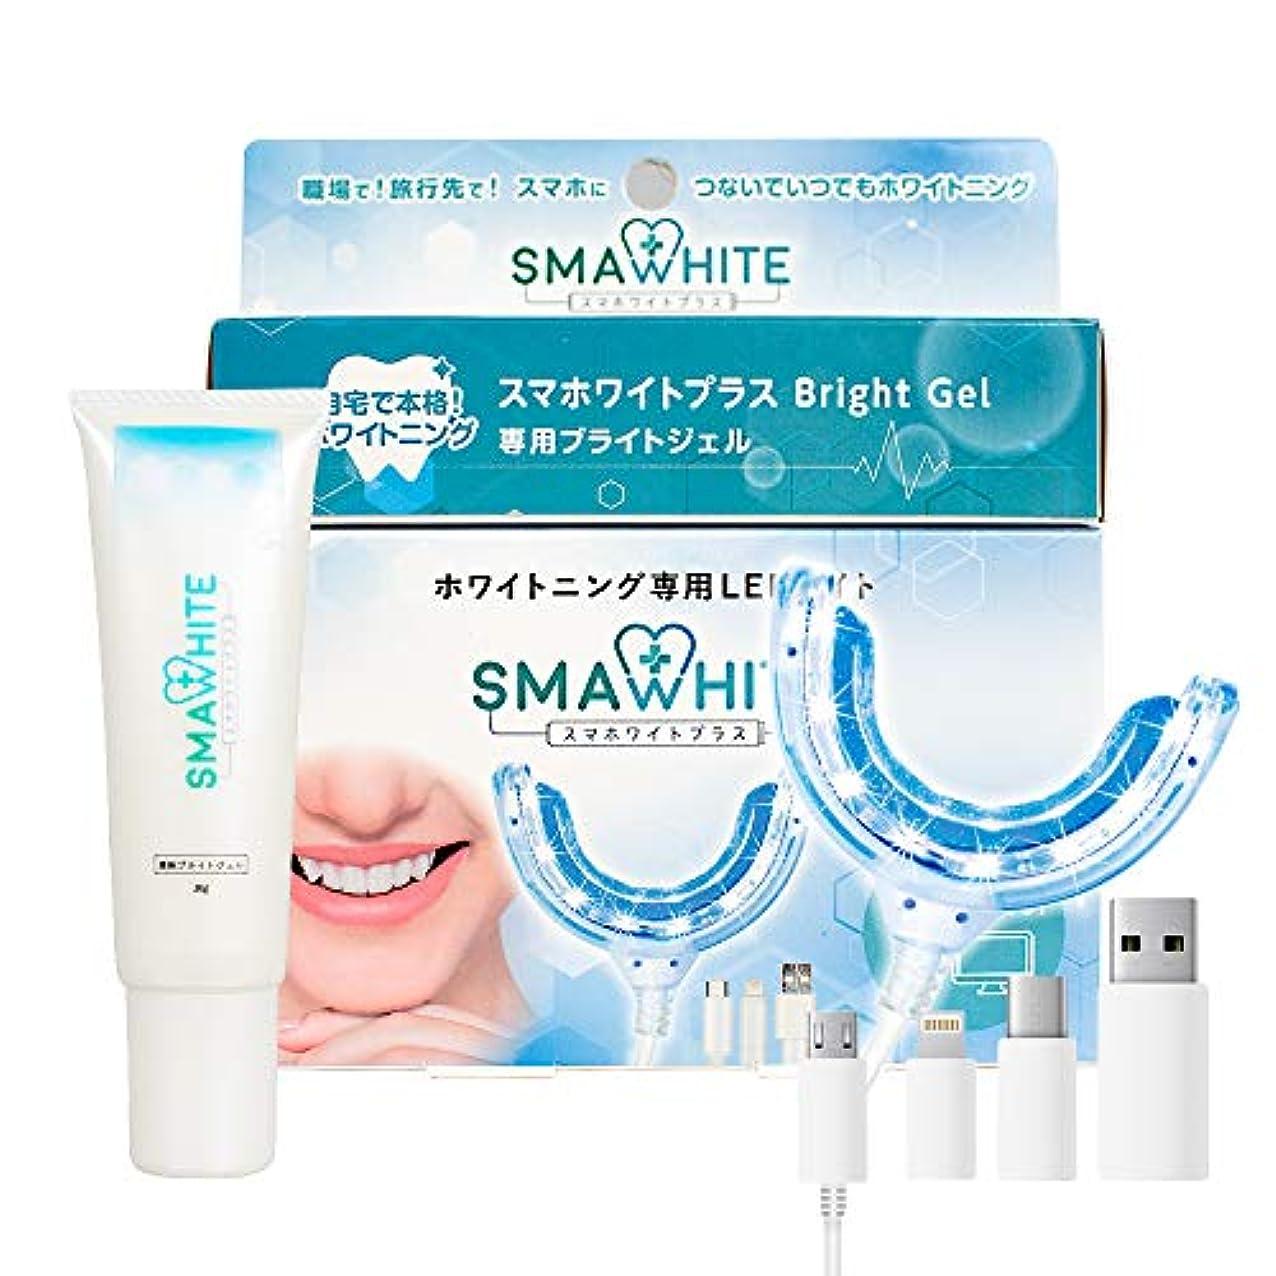 敬ダルセットウェイドスマホワイトプラス(SMAWHITE+) ホワイトニングキット LEDマウスピース+専用ジェル30g 初めての方向けセット 自宅で簡単 歯のセルフホワイトニング [一般医療機器]